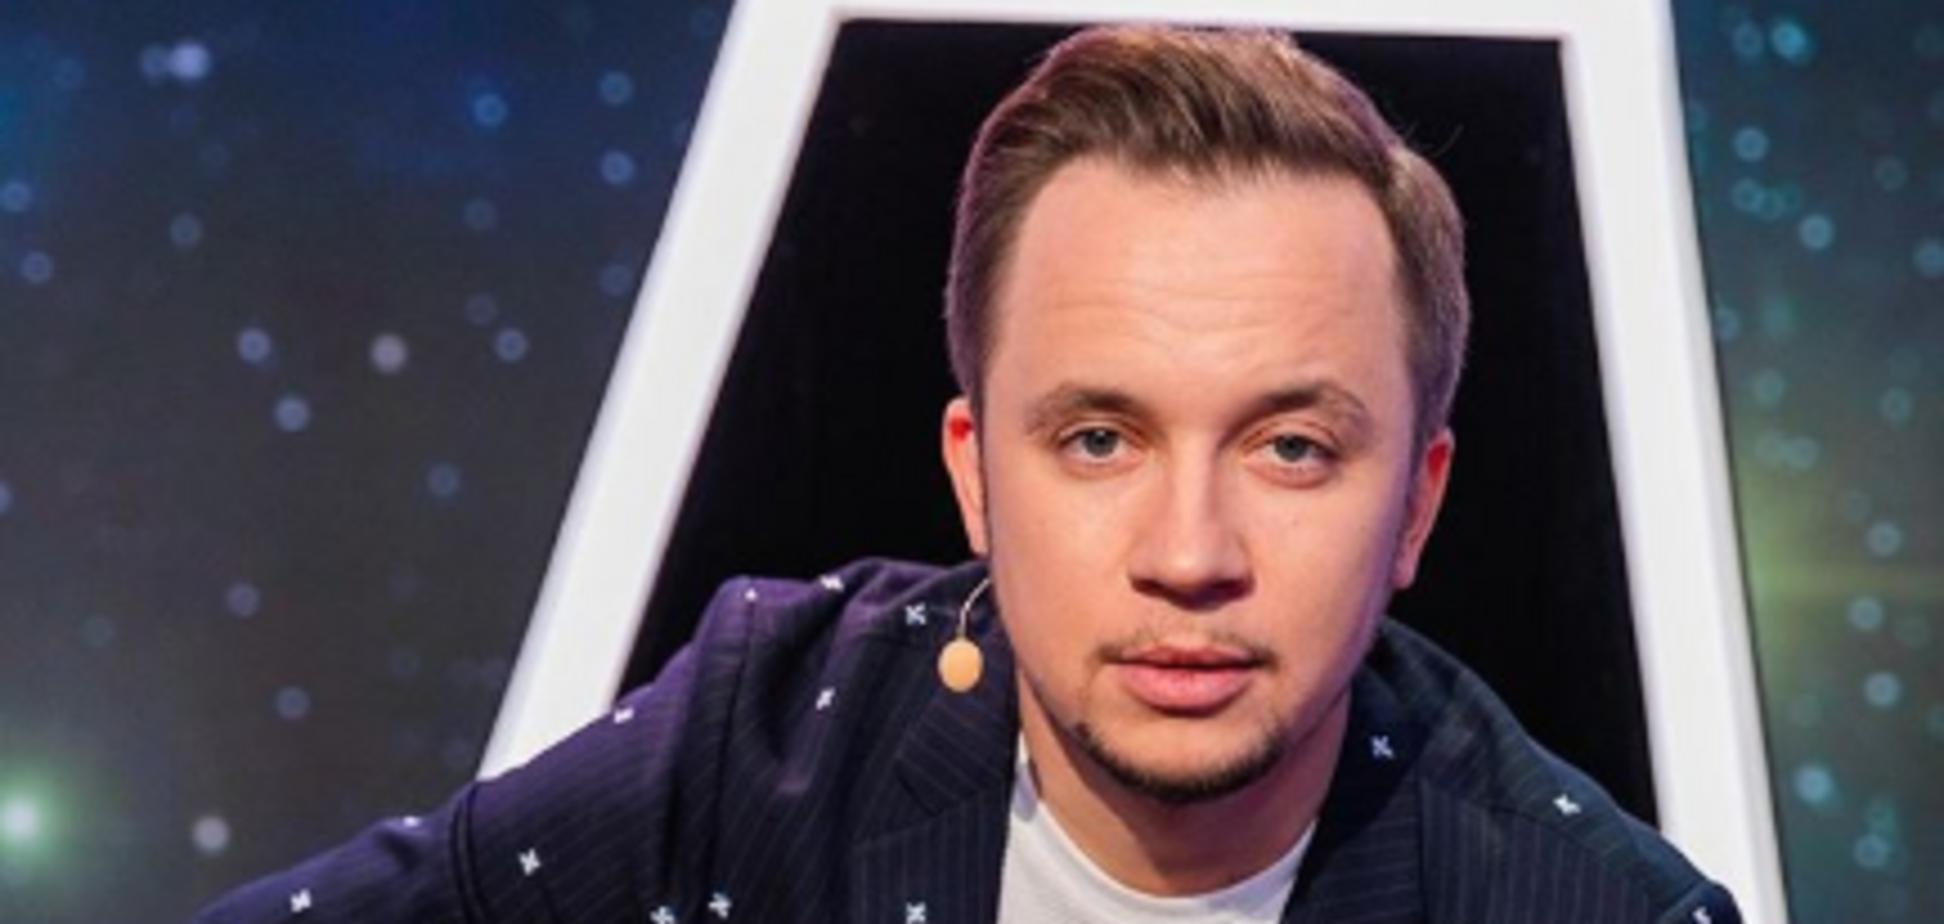 Участник 'Квартала 95' Гагарин рассказал о финансовых потерях из-за коронавируса